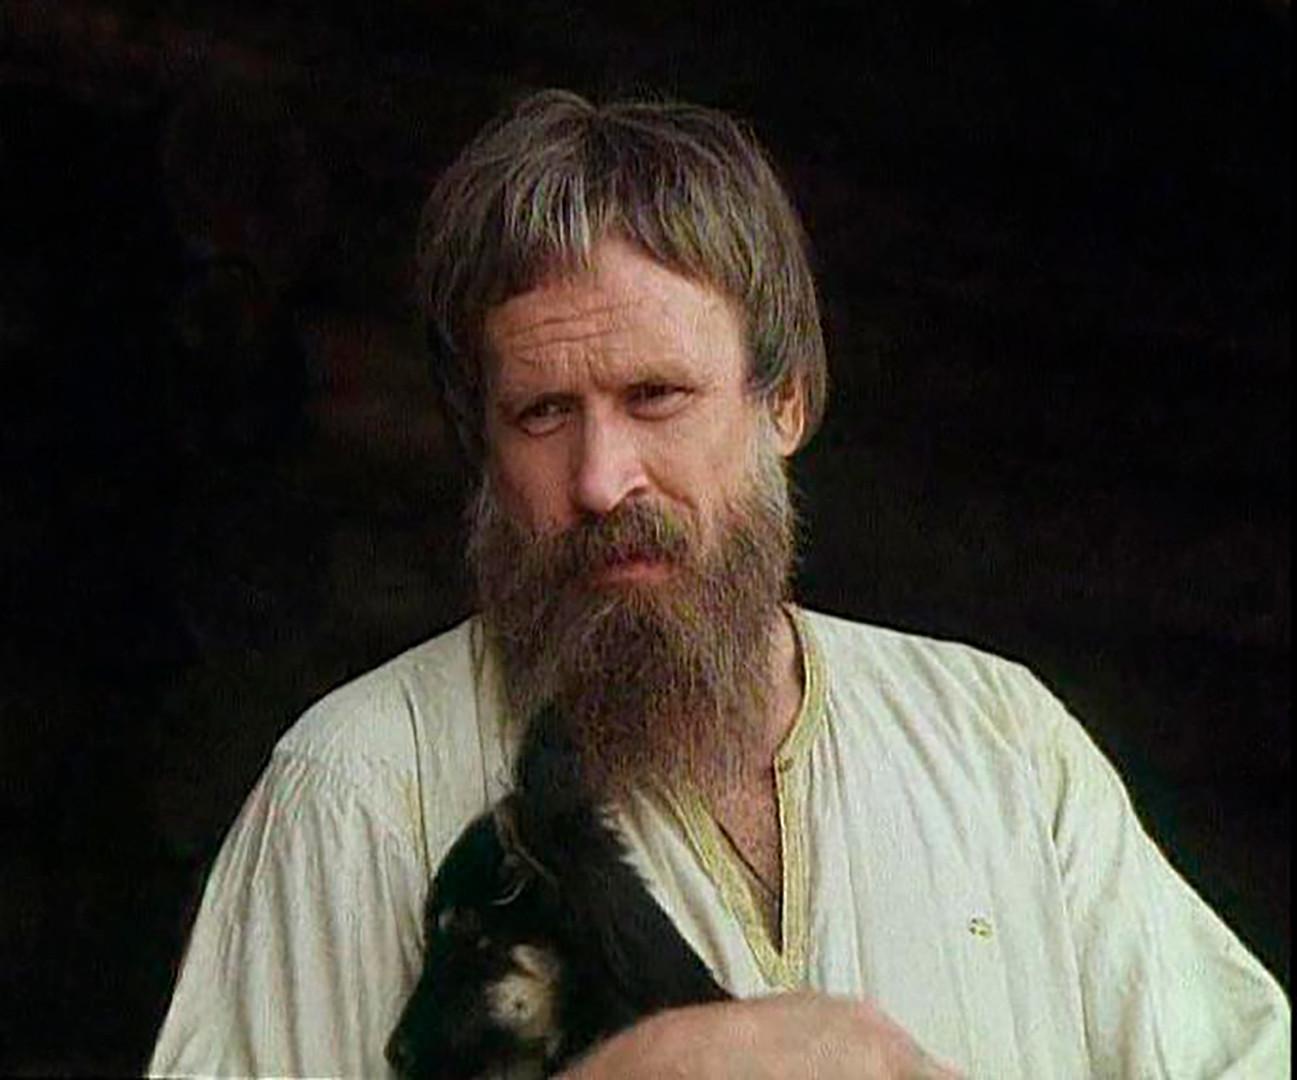 クチカ、映画「ユーリー・ドルゴルーキー」、1998年